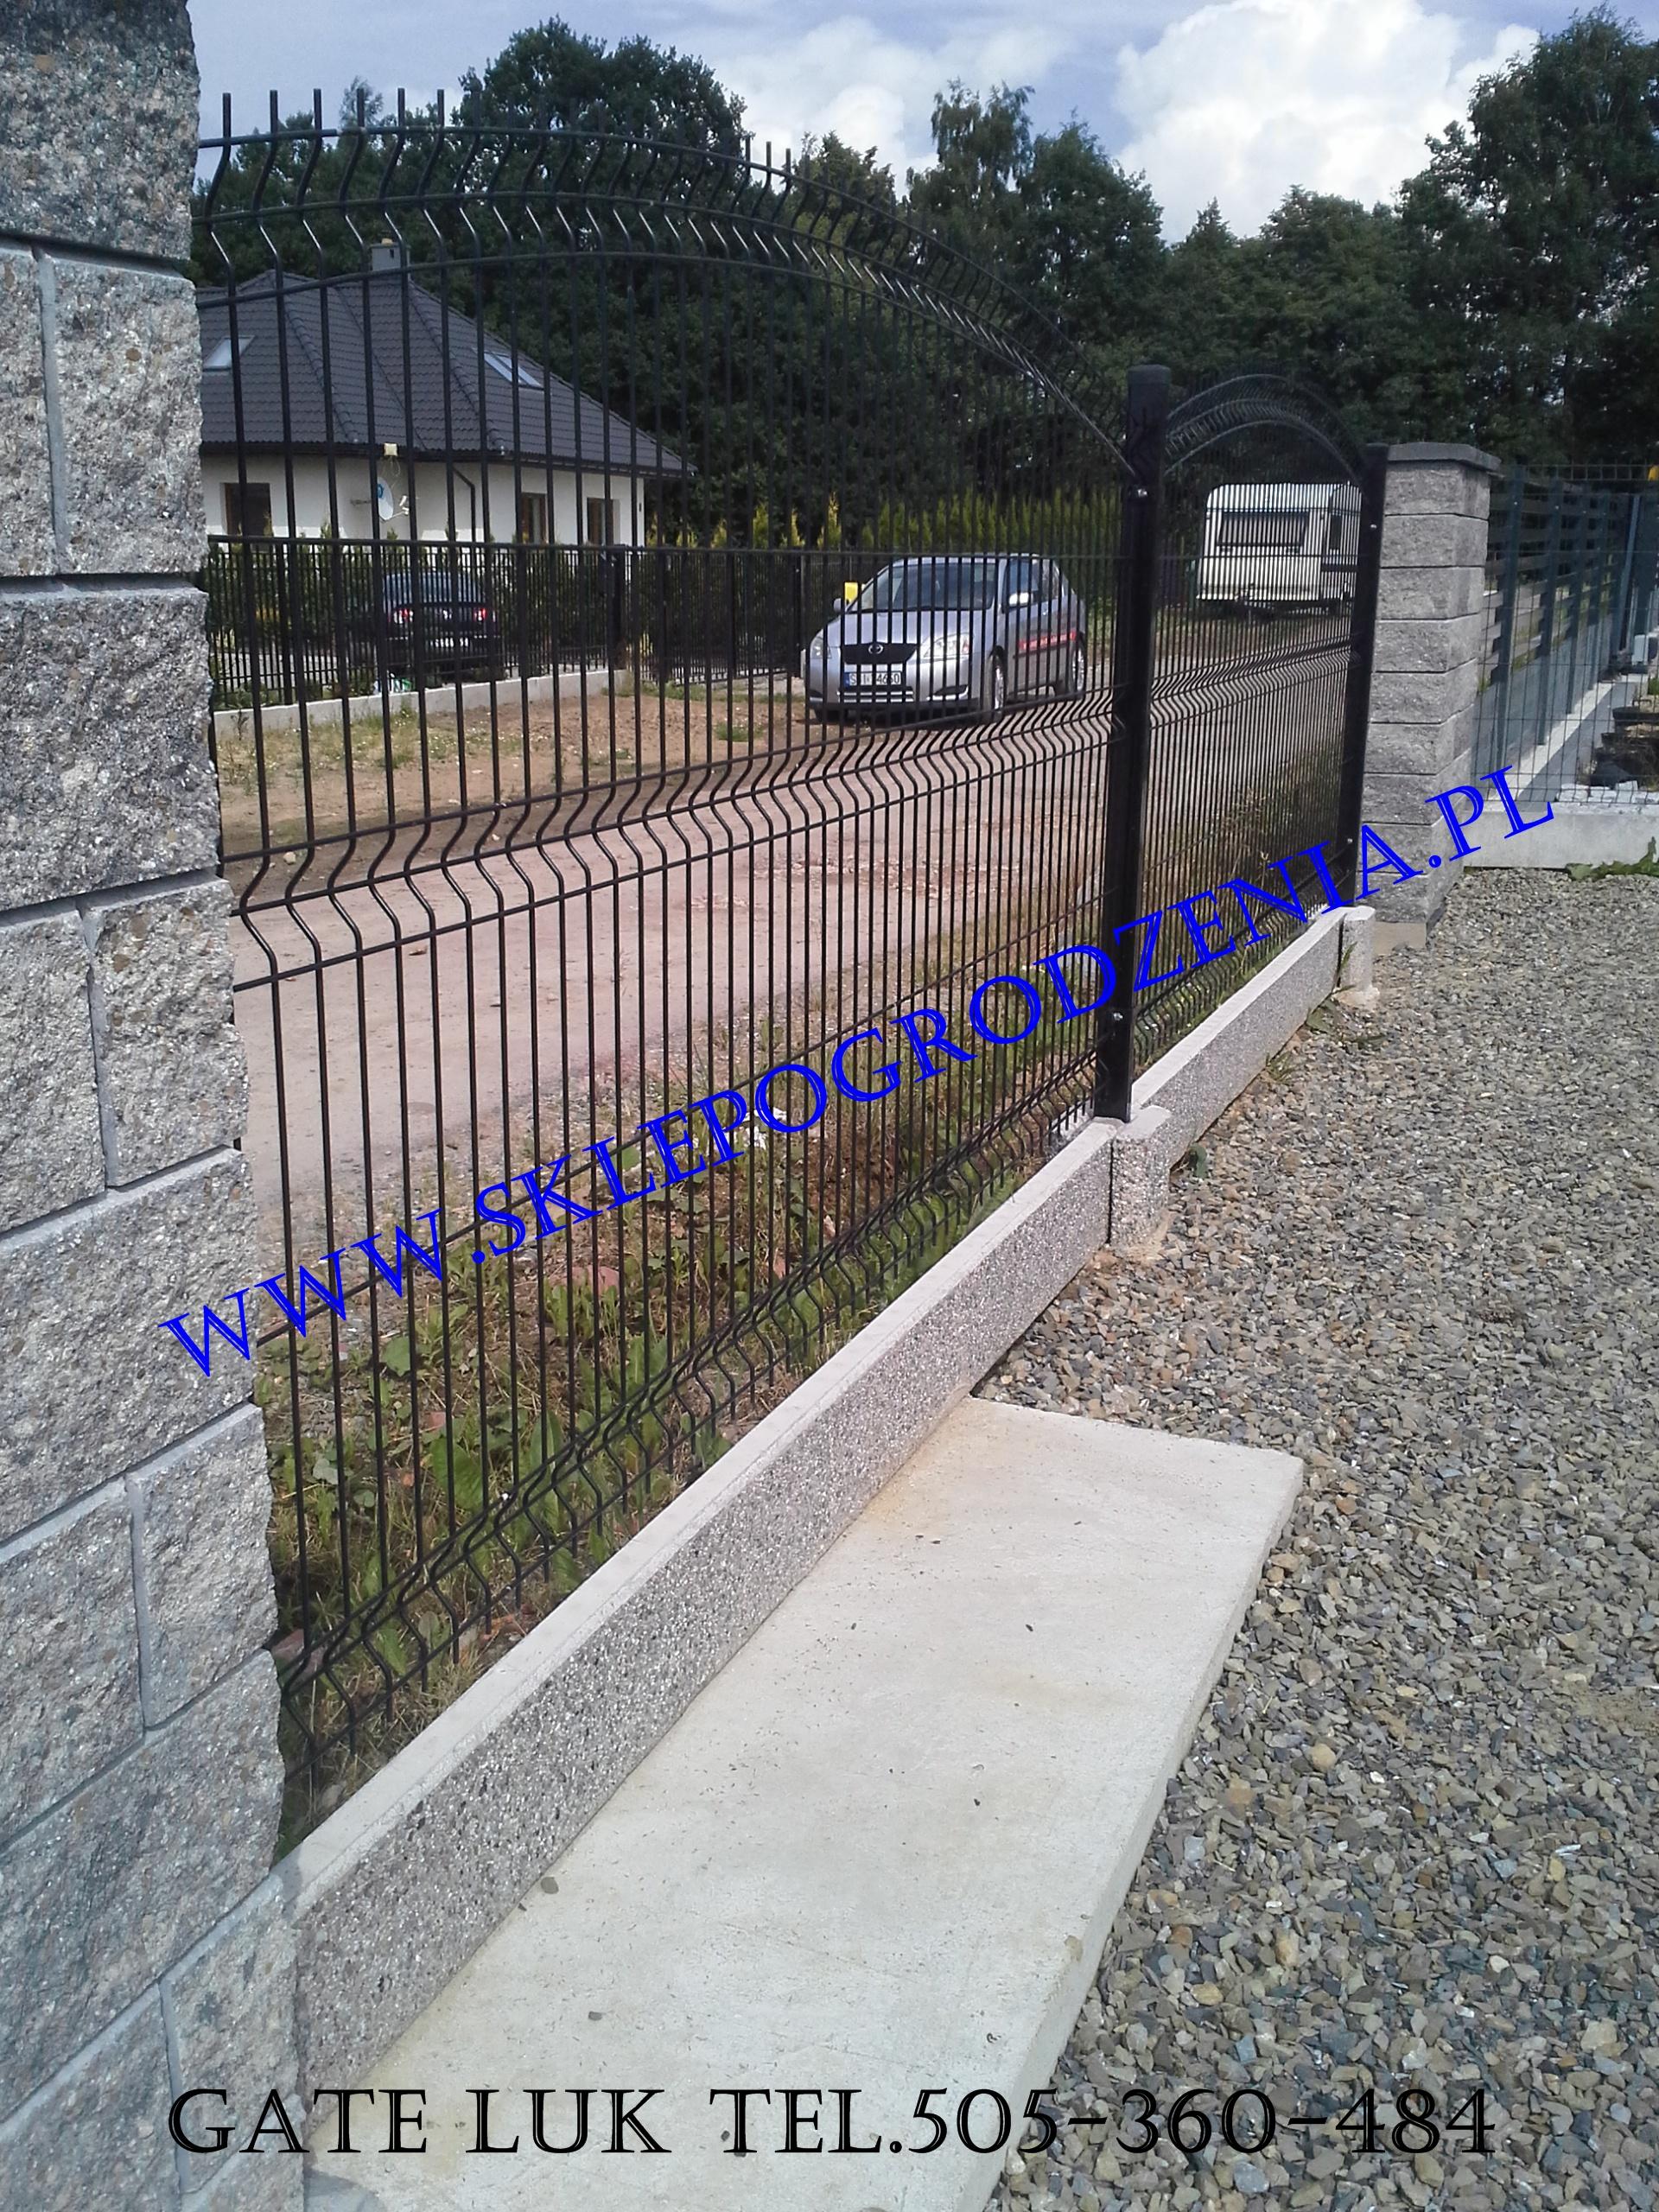 Cudowna Sklep ogrodzenia Panel łukowy fi 5mm czarny, Ogrodzenia panelowe GJ92